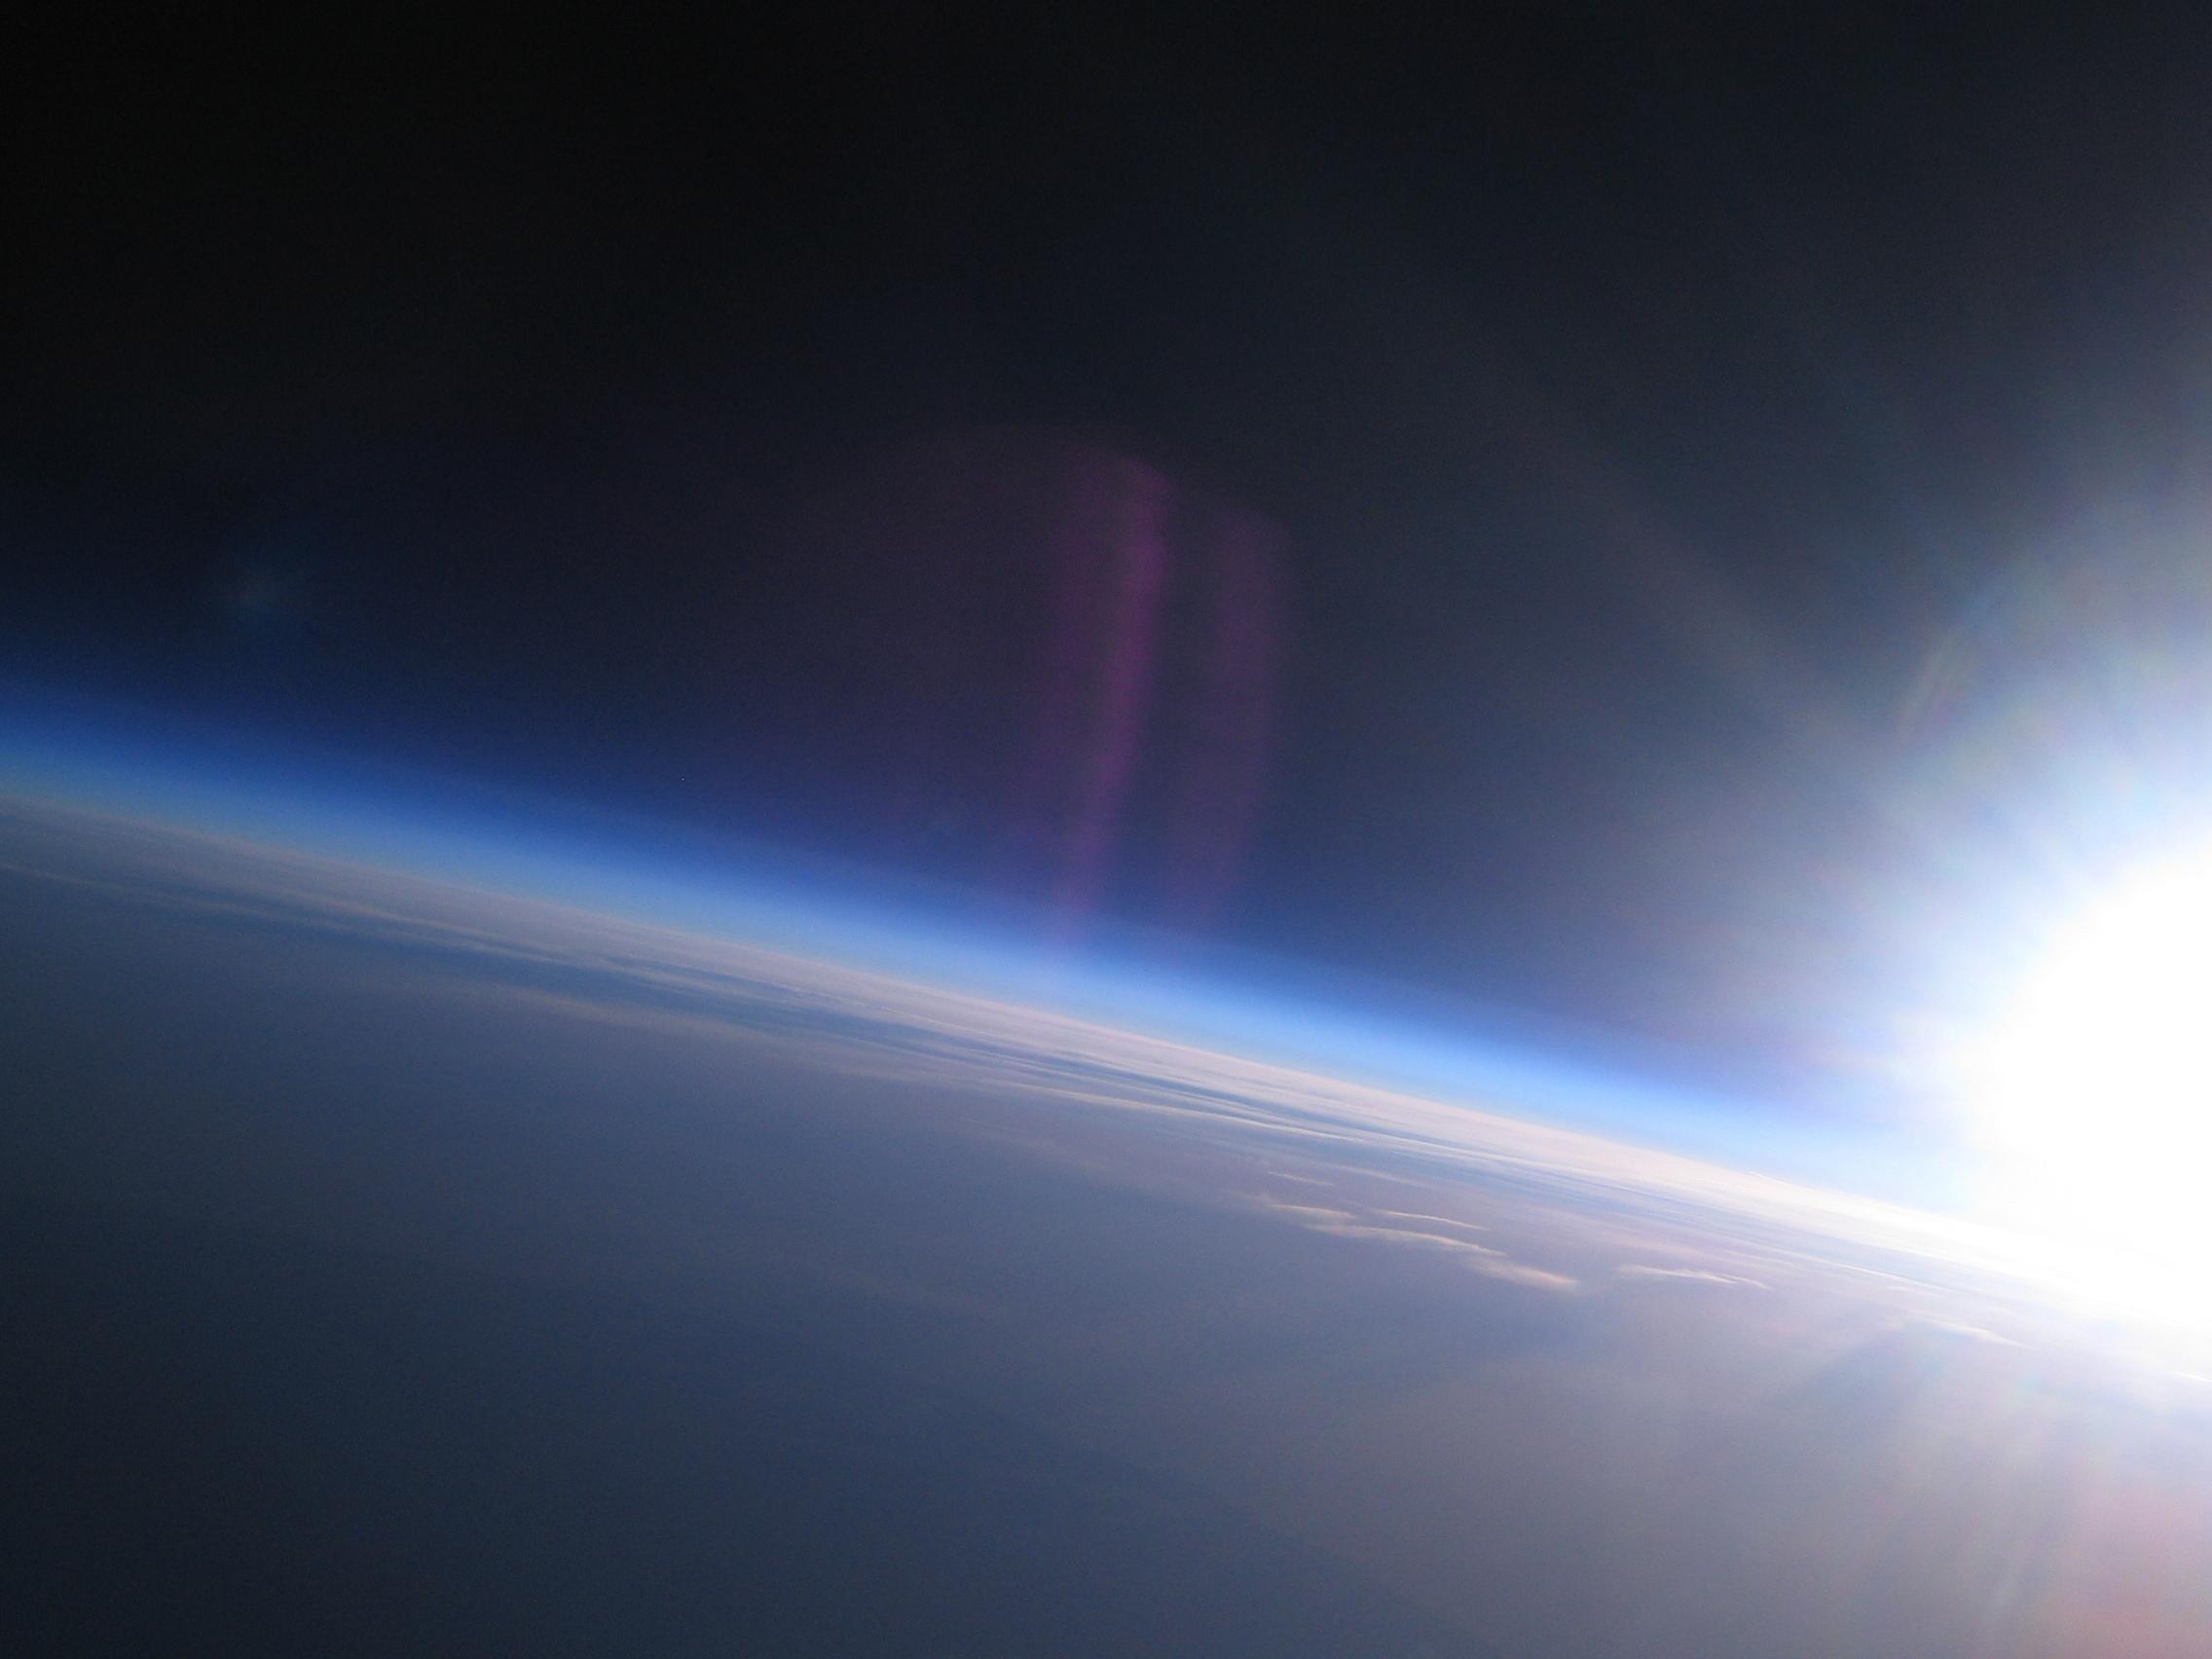 12970 скачать обои Пейзаж, Фон, Планеты, Солнце - заставки и картинки бесплатно